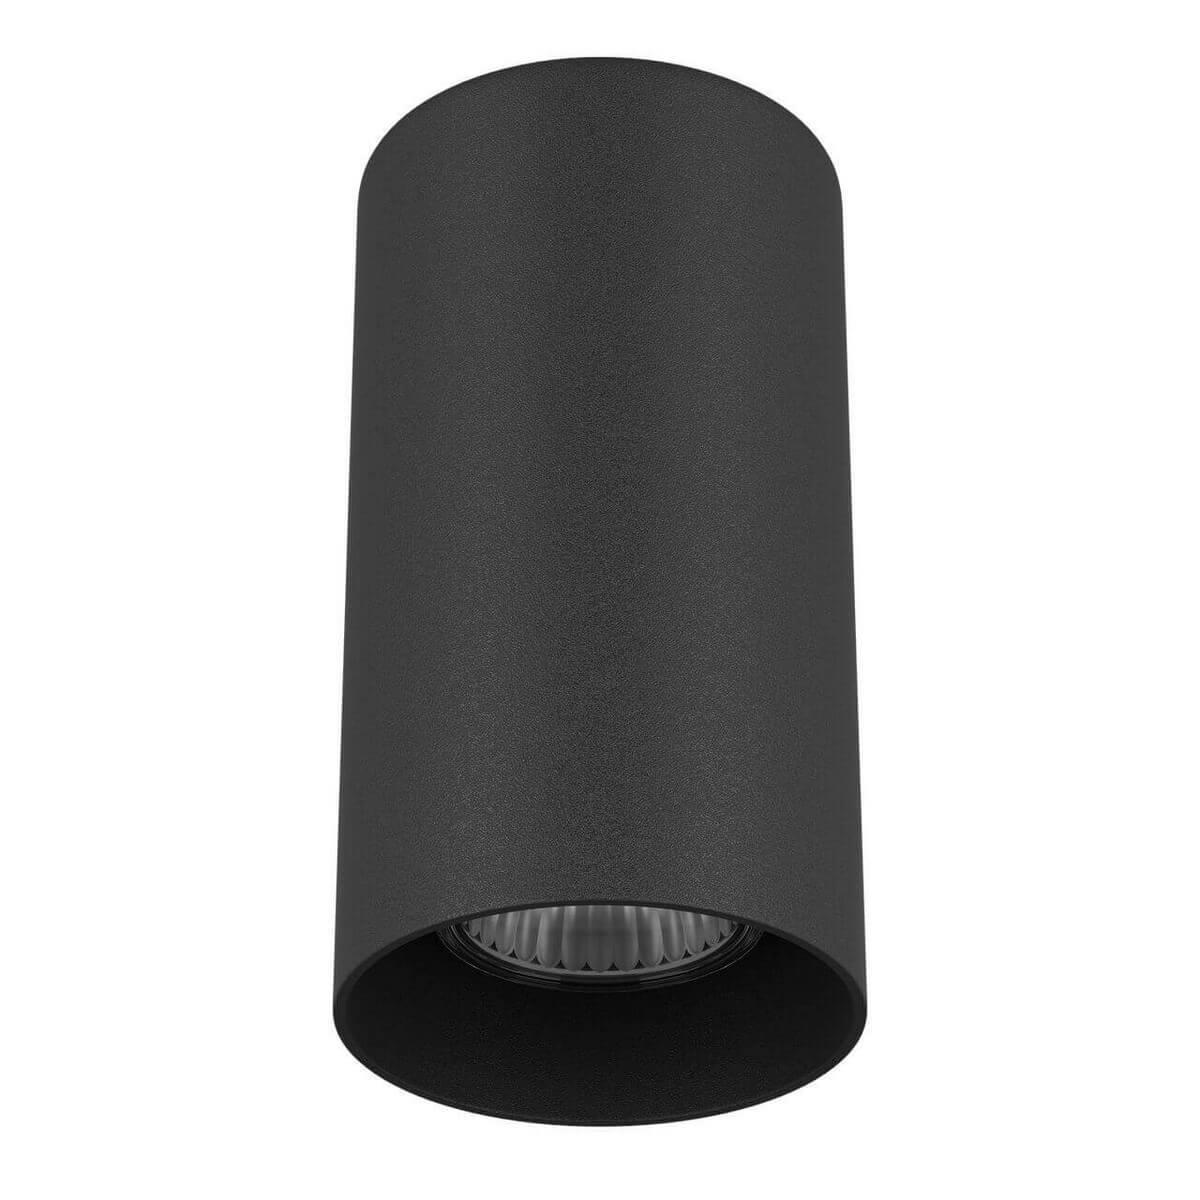 Потолочный светильник Lightstar 216487, GU10, 50 Вт светильник lightstar rullo ls 214436